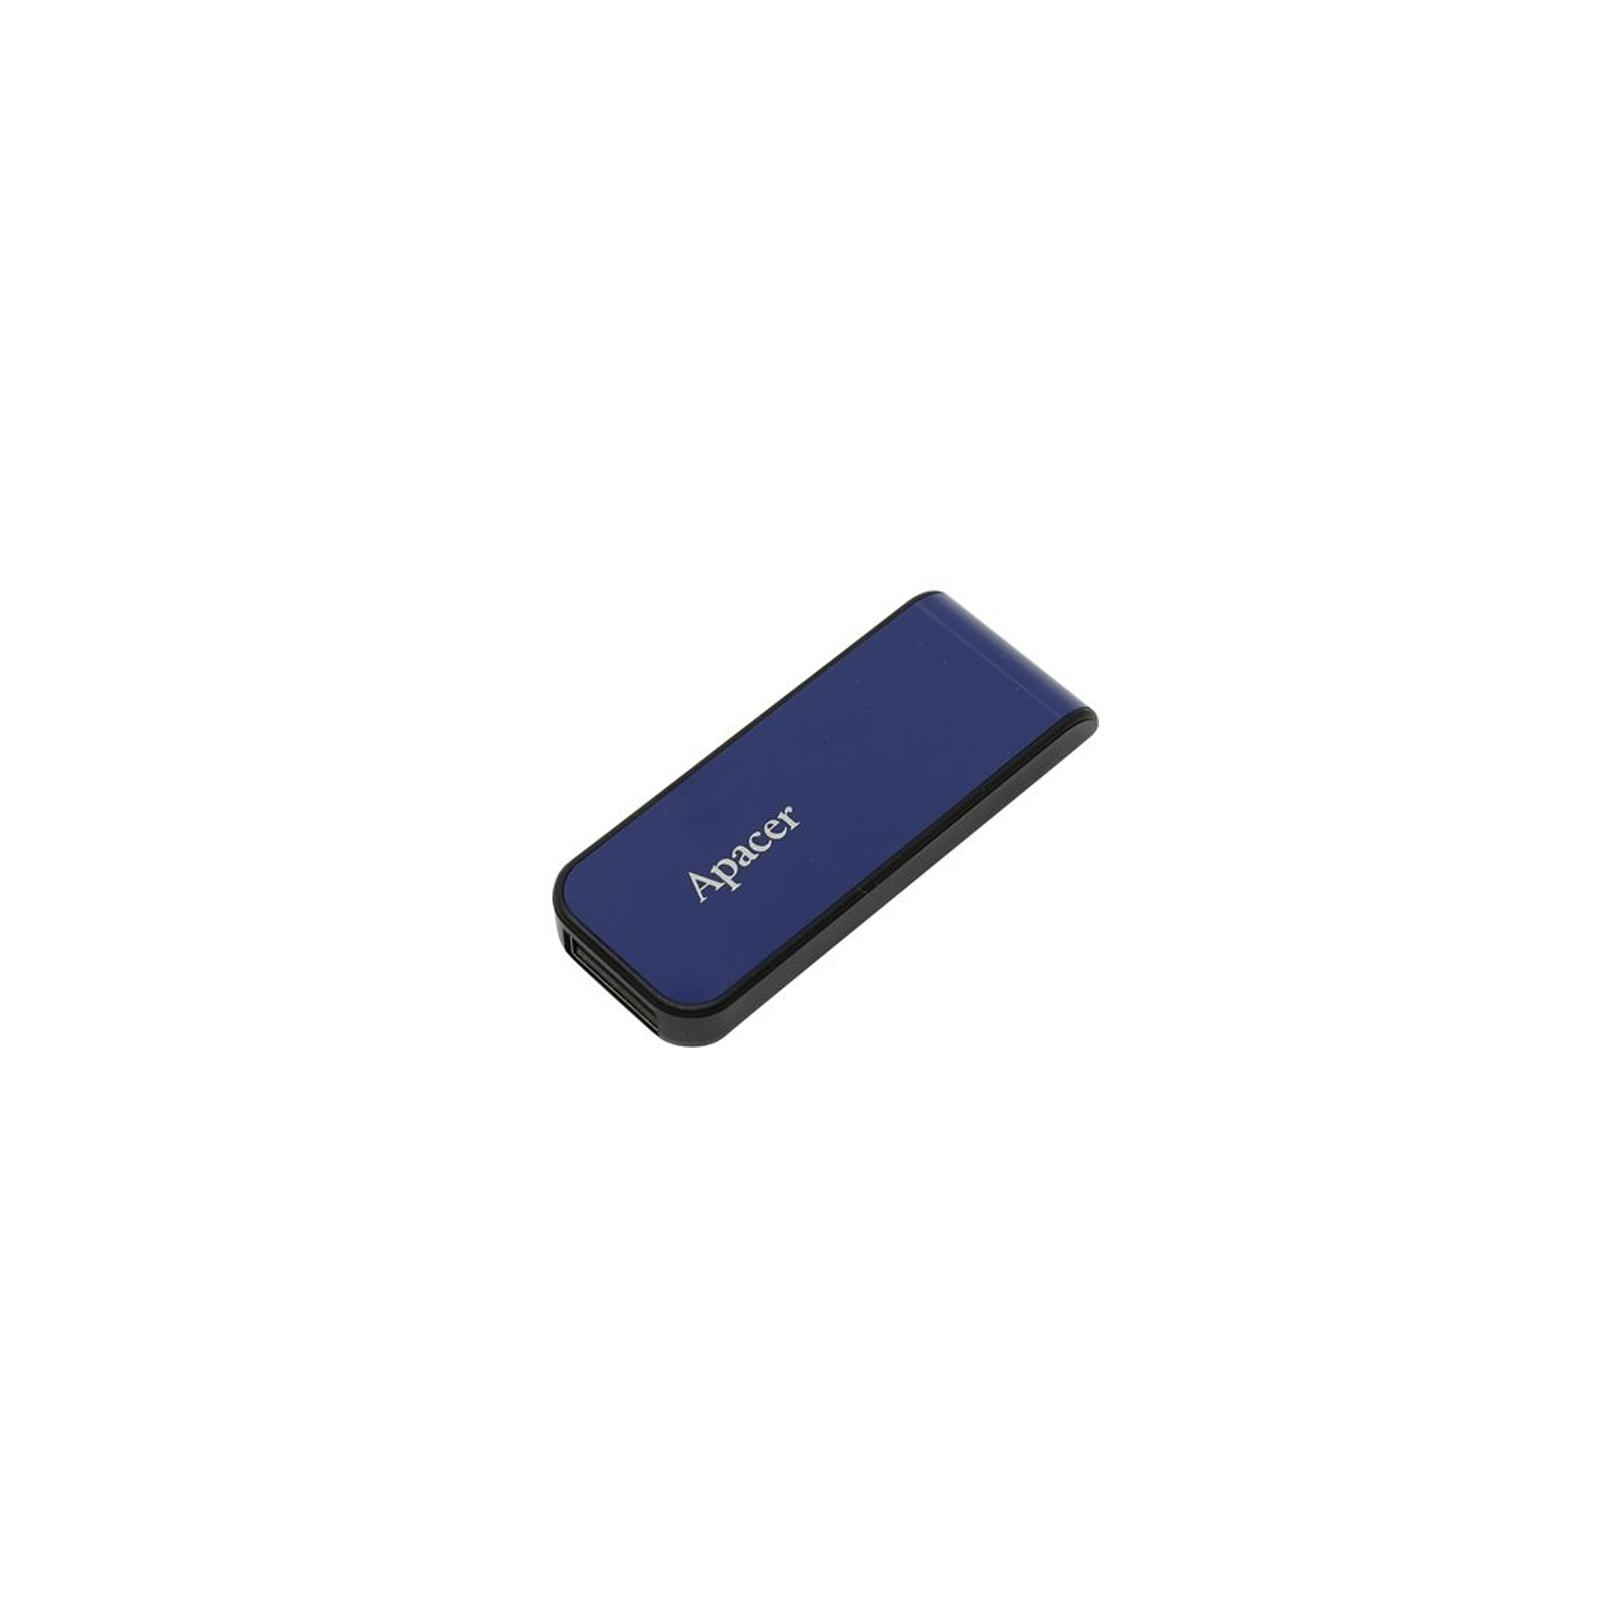 USB флеш накопитель Apacer 16GB AH334 pink USB 2.0 (AP16GAH334P-1) изображение 5